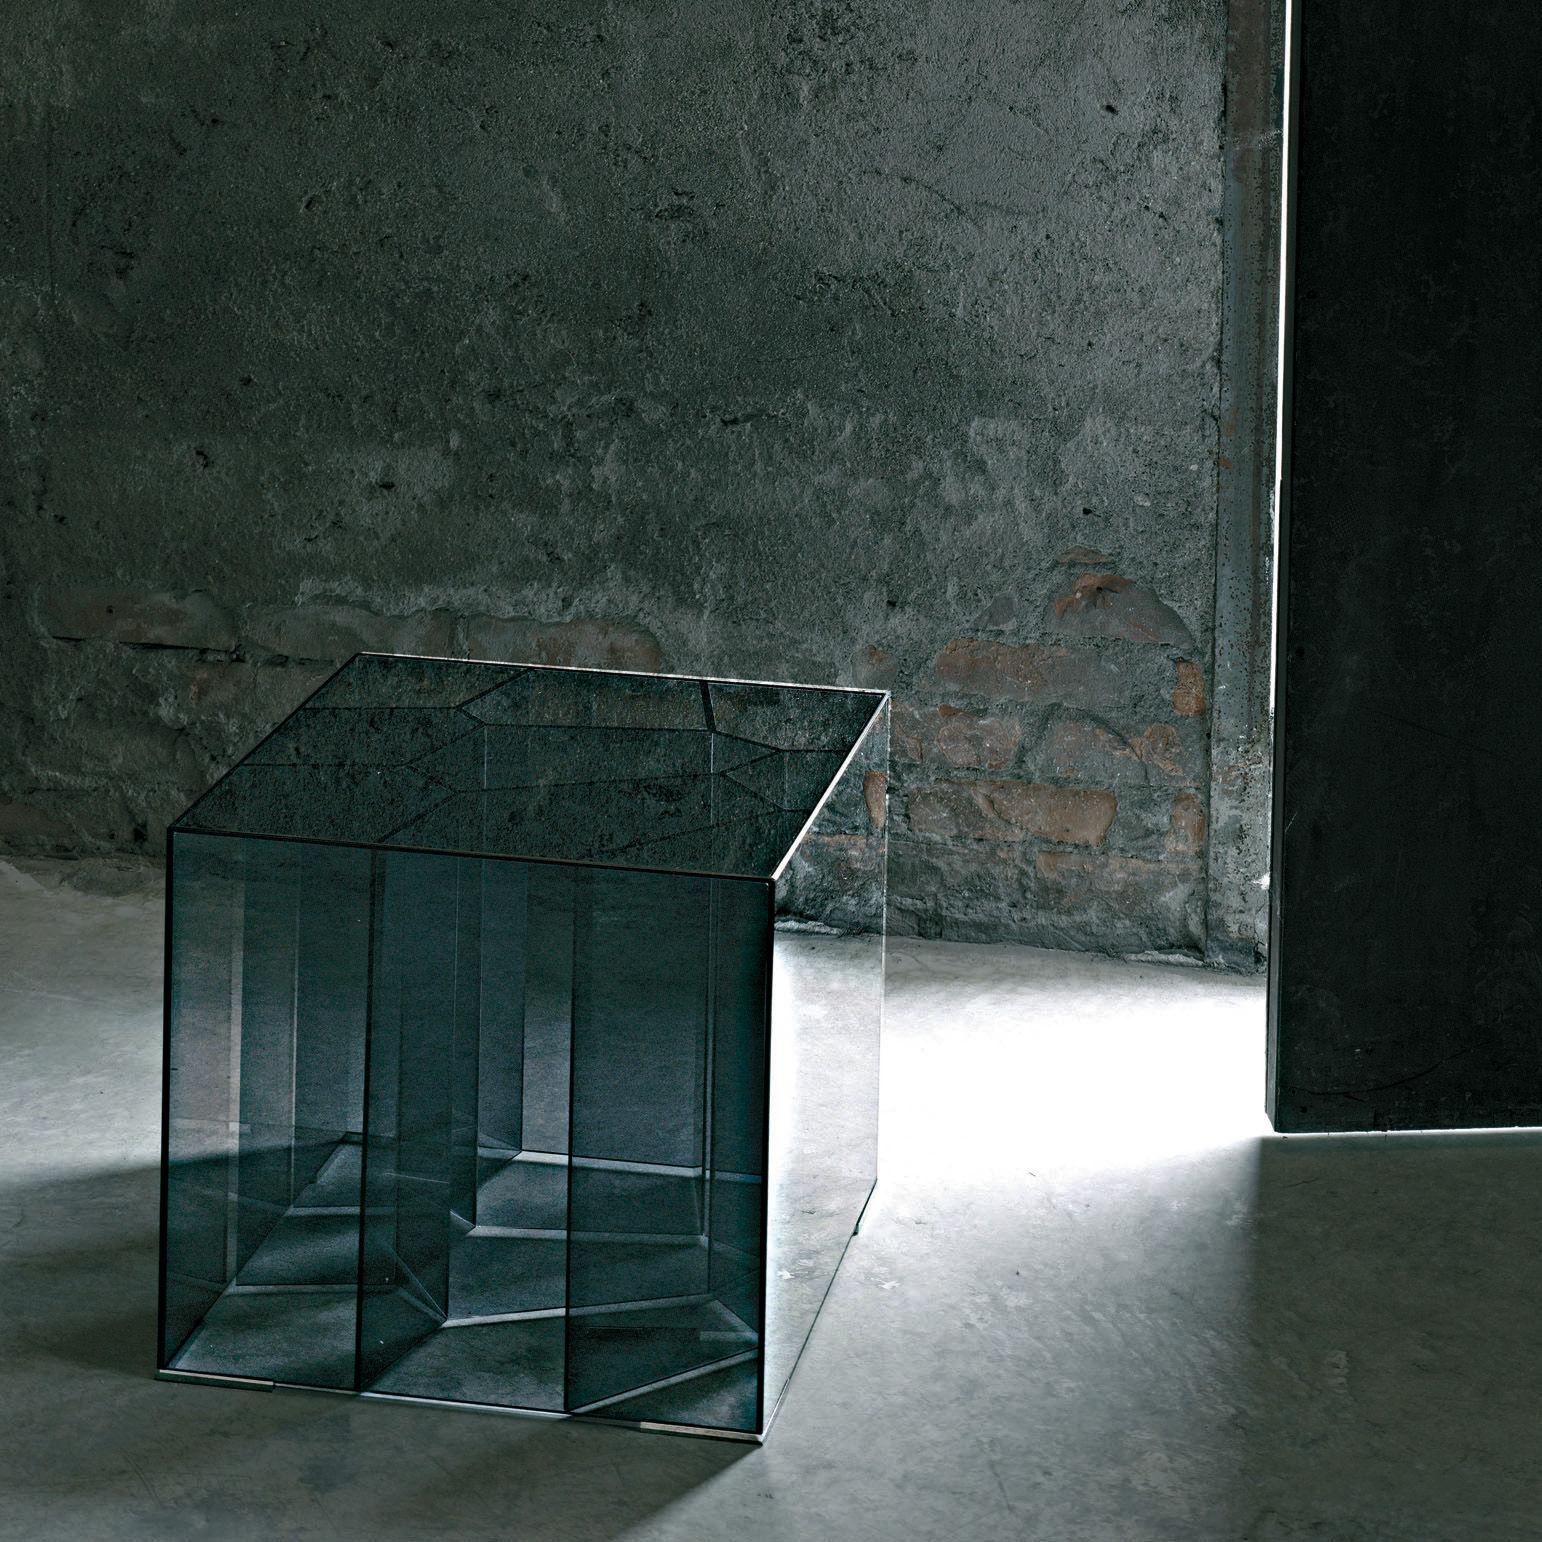 Alice 50 x 50 cm glas italia couchtisch for Couchtisch glas 50 cm hoch